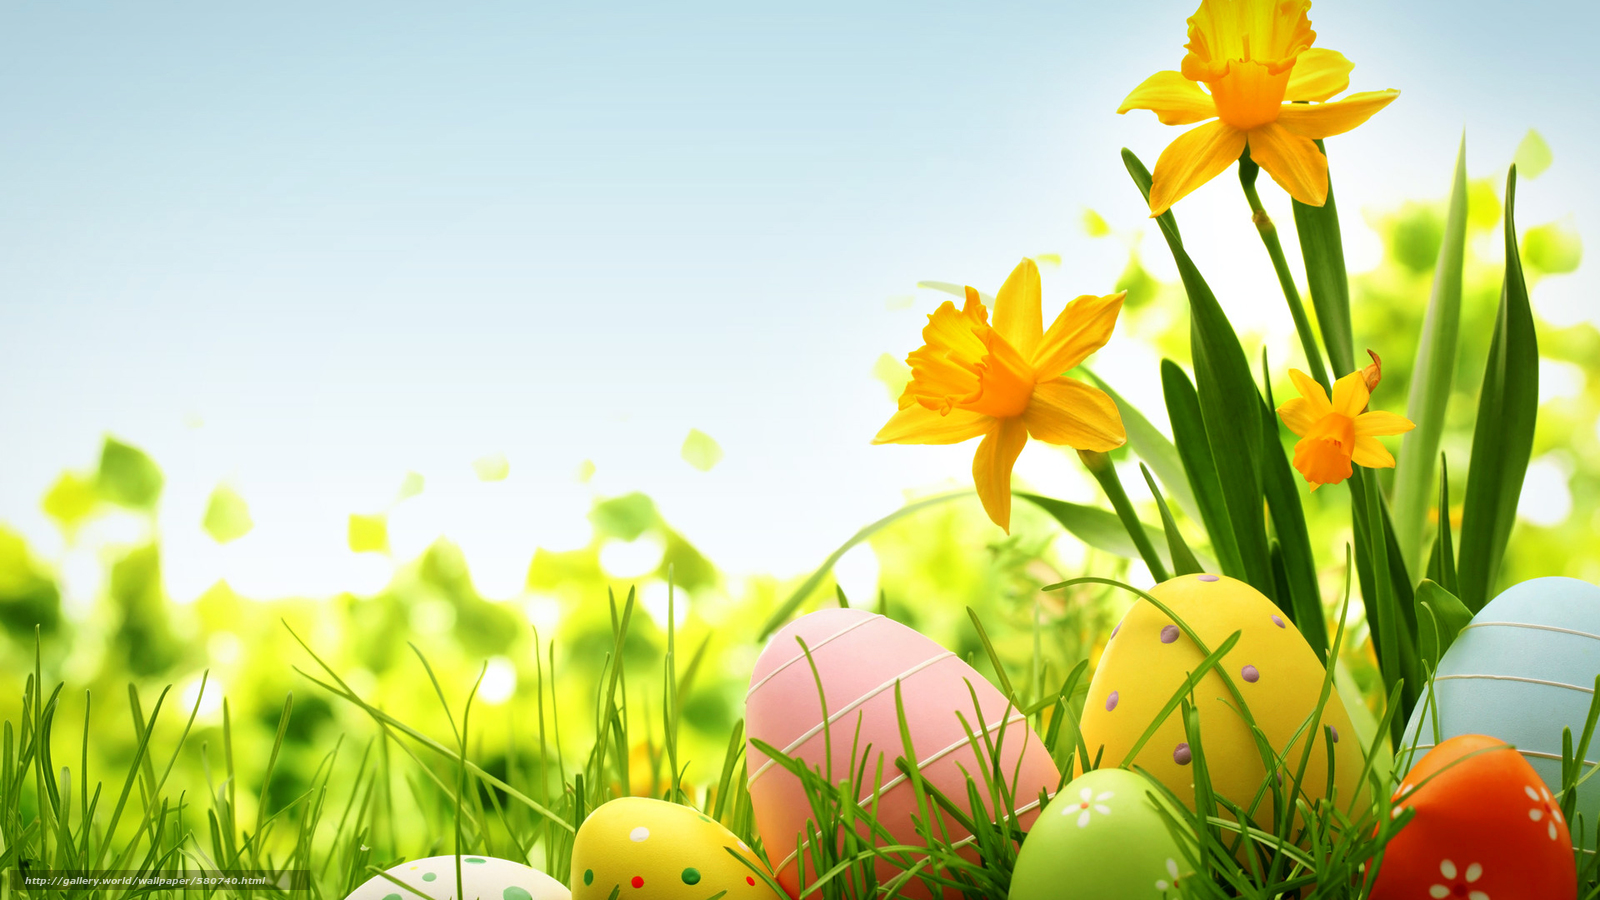 Scaricare gli sfondi primavera fiori pasqua uova sfondi for Sfondi desktop primavera